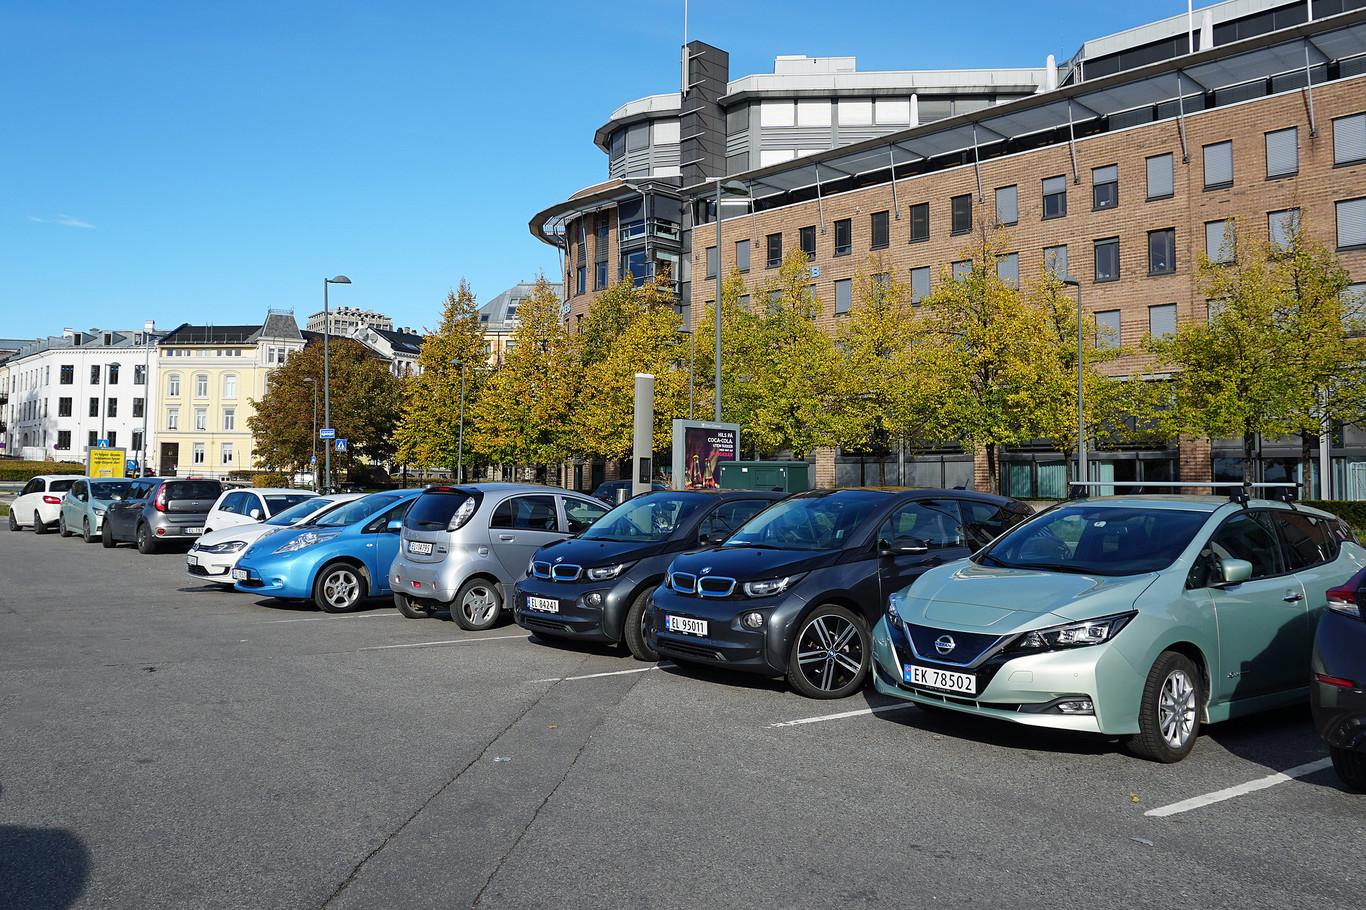 Por qué la cuota del coche eléctrico en Noruega es del 31% y en España es  del 0,46%?